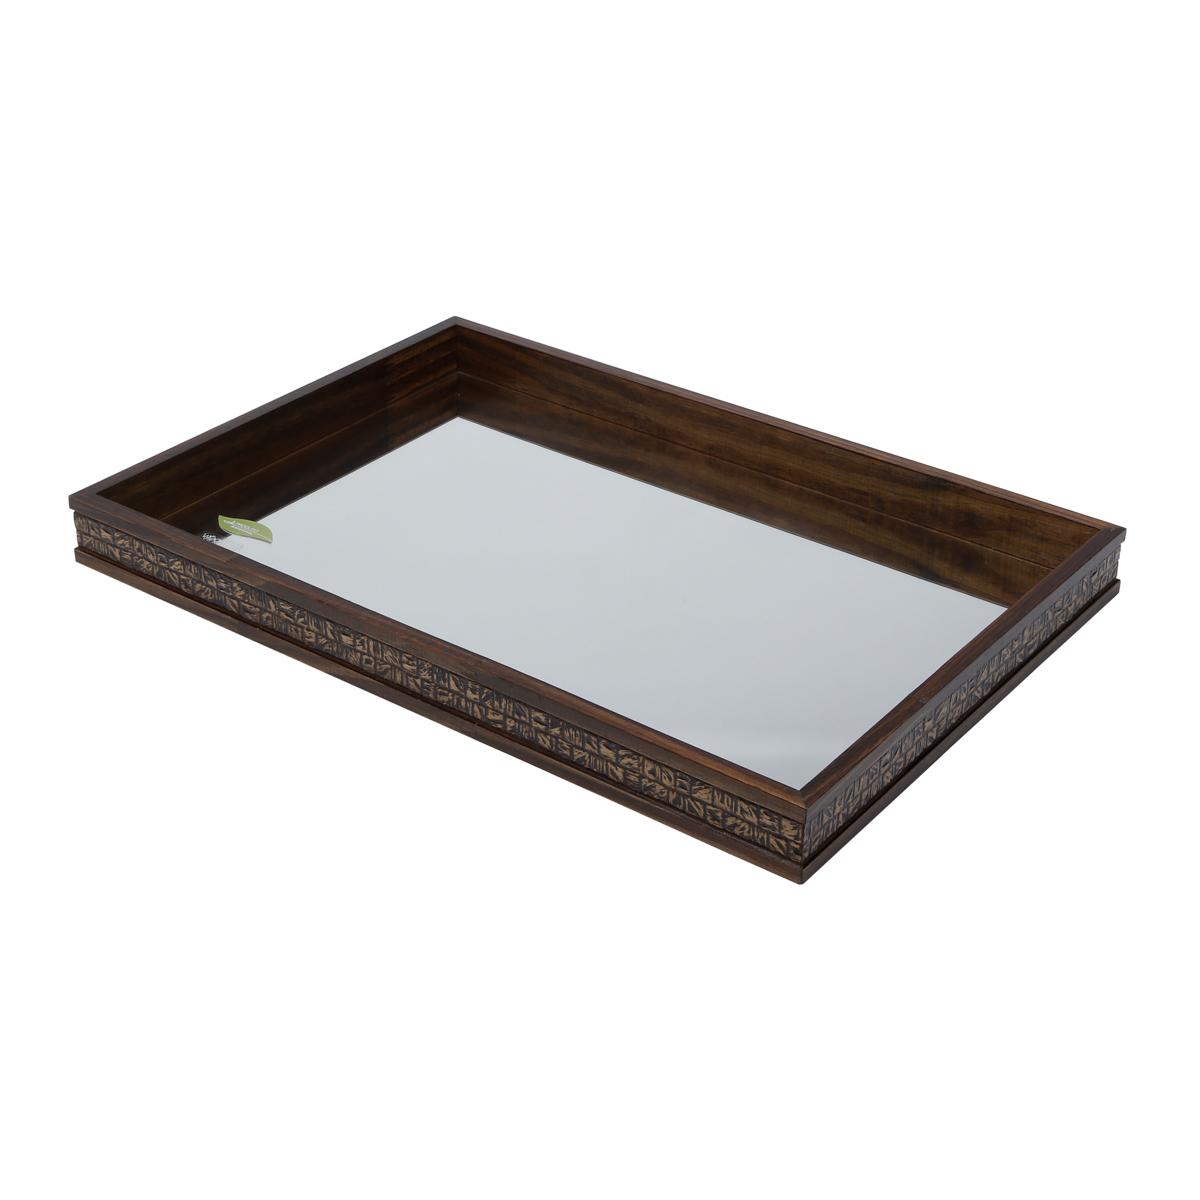 Bandeja Grande de Madeira com Espelho Coquinho 51x35x5cm